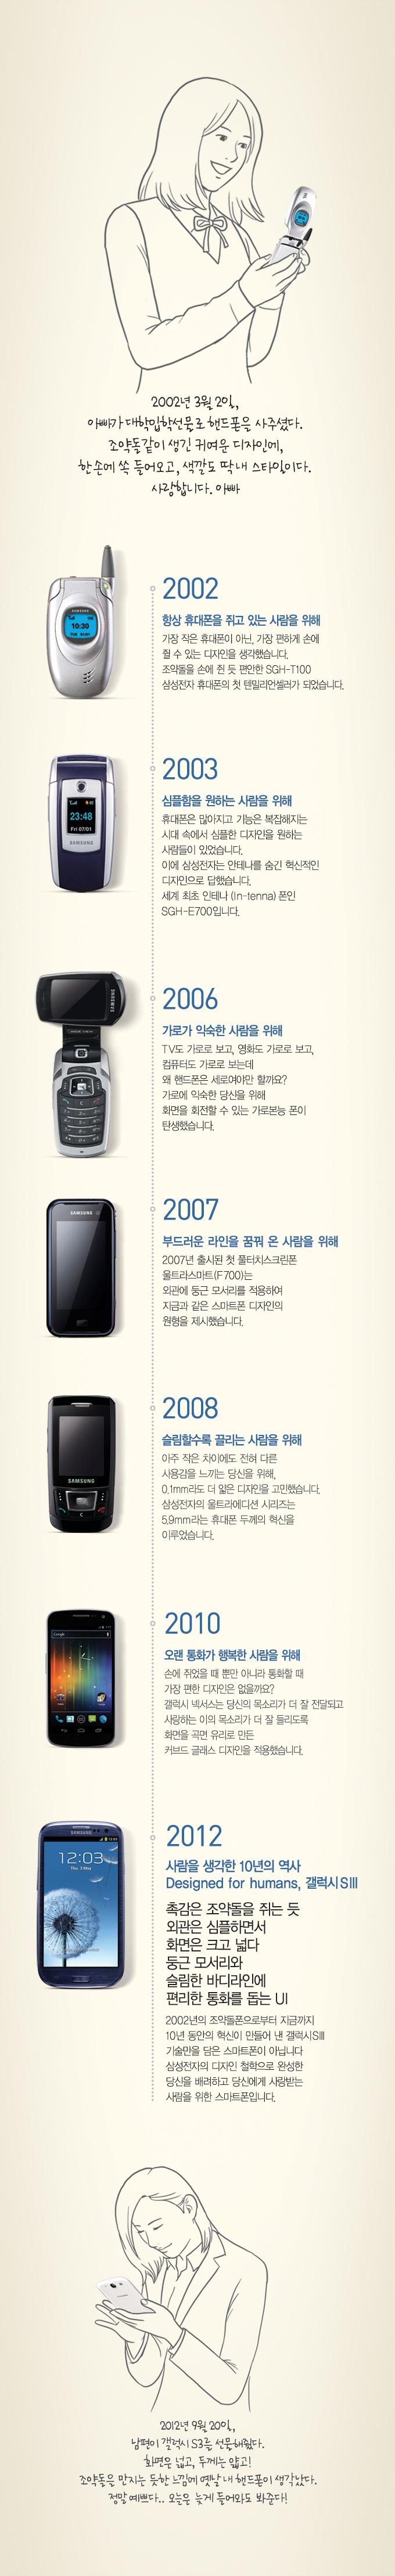 응답하라 2002 SGH-T100,이 핸드폰 기억나시나요? 조약돌을 닮은 혁신적인 디자인으로 국민폰이 된, 일명 '조약돌폰'이죠. 사람을 위한 디자인은 그 때 이미 시작되었습니다. 첫 번째 텐밀리언셀러가 탄생한 2002년부터 지금의 갤럭시S3까지 당신을 위해 변화해 온 우리의 시간들을 보여드릴게요. 보고싶다 조약돌. 응답하라 2002.    2002년 3월 2일, 아빠가 대학입학선물로 핸드폰을 사주셨다. 조약돌같이 생긴 귀여운 디자인에, 한손에 쏙 들어오고, 색깔도 딱 내 스타일이다. 사랑합니다. 아빠 2002 항상 휴대폰을 쥐고 있는 사람을 위해 가장 작은 휴대폰이 아닌, 가장 편하게 손에 쥘 수 있는 디자인을 생각했습니다. 조약돌을 손에 쥔 듯 편안한 SGH-T100 삼성전자 휴대폰의 첫 텐밀리언셀러가 되었습니다. 2003 심플함을 원하는 사람을 위해 휴대폰은 많아지고 기능은 복잡해지는 시대 속에서 심플한 디자인을 원하는 사람들이 있었습니다. 이에 삼성전자는 안테나를 숨긴 혁신적인 디자인으로 답했습니다. 세계 최초 인테나폰인 SGH-E700입니다. 2006 가로가 익숙한 사람을 위해 TV도 가로로 보고, 영화도 가로로 보고, 컴퓨터도 가로로 보는데 왜 핸드폰은 세로여야만 할까요? 가로에 익숙한 당신을 위해 화면을 회전할 수 있는 가로본능 폰이 탄생했습니다. 2007 부드러운 라인을 꿈꿔 온 사람을 위해 2007년 출시된 첫 풀터치스크린폰 울트라스마트(F700)는 외관에 둥근 모서리를 적용하여 지금과 같은 스마트폰 디자인의 원형을 제시했습니다. 2008 슬림할수록 끌리는 사람을 위해 아주 작은 차이에도 전혀 다른 사용감을 느끼는 당신을 위해, 0.1mm라도 더 얇은 디자인을 고민했습니다. 삼성전자의 울트라에디션 시리즈는 5.9mm라는 휴대폰 두께의 혁신을 이루었습니다. 2010 오랜 통화가 행복한 사람을 위해 손에 쥐었을 때 뿐만 아니라 통화할 때 가장 편한 디자인은 없을까요? 갤럭시 넥서스는 당신의 목소리가 더 잘 전달되고 사랑하는 이의 목소리가 더 잘 들리도록 화면을 곡면 유리로 만든 커브드 글래스 디자인을 적용했습니다. 2012 사람을 생각한 10년의 역사 Designed for humans, 갤럭시S3 촉감은 조약돌을 쥐는 듯 외관은 심플하면서 화면은 크고 넓다 둥근 모서리와 슬림한 바디라인에 편리한 통화를 돕는 UI 2002년의 조약돌폰으로부터 지금까지 10년 동안의 혁신이 만들어 낸 갤럭시S3 기술만을 담은 스마트폰이 아닙니다 삼성전자의 디자인 철학으로 완성한 당신을 배려하고 당신에게 사랑받는 사람을 위한 스마트폰입니다. 2012년 9월 20일, 남편이 갤럭시S3를 선물해줬다. 화면은 넓고, 두께는 얇고! 조약돌을 만지는 듯한 느낌에 옛날 내 핸드폰이 생각났다. 정말 예쁘다.. 오늘은 늦게 들어와도 봐준다!